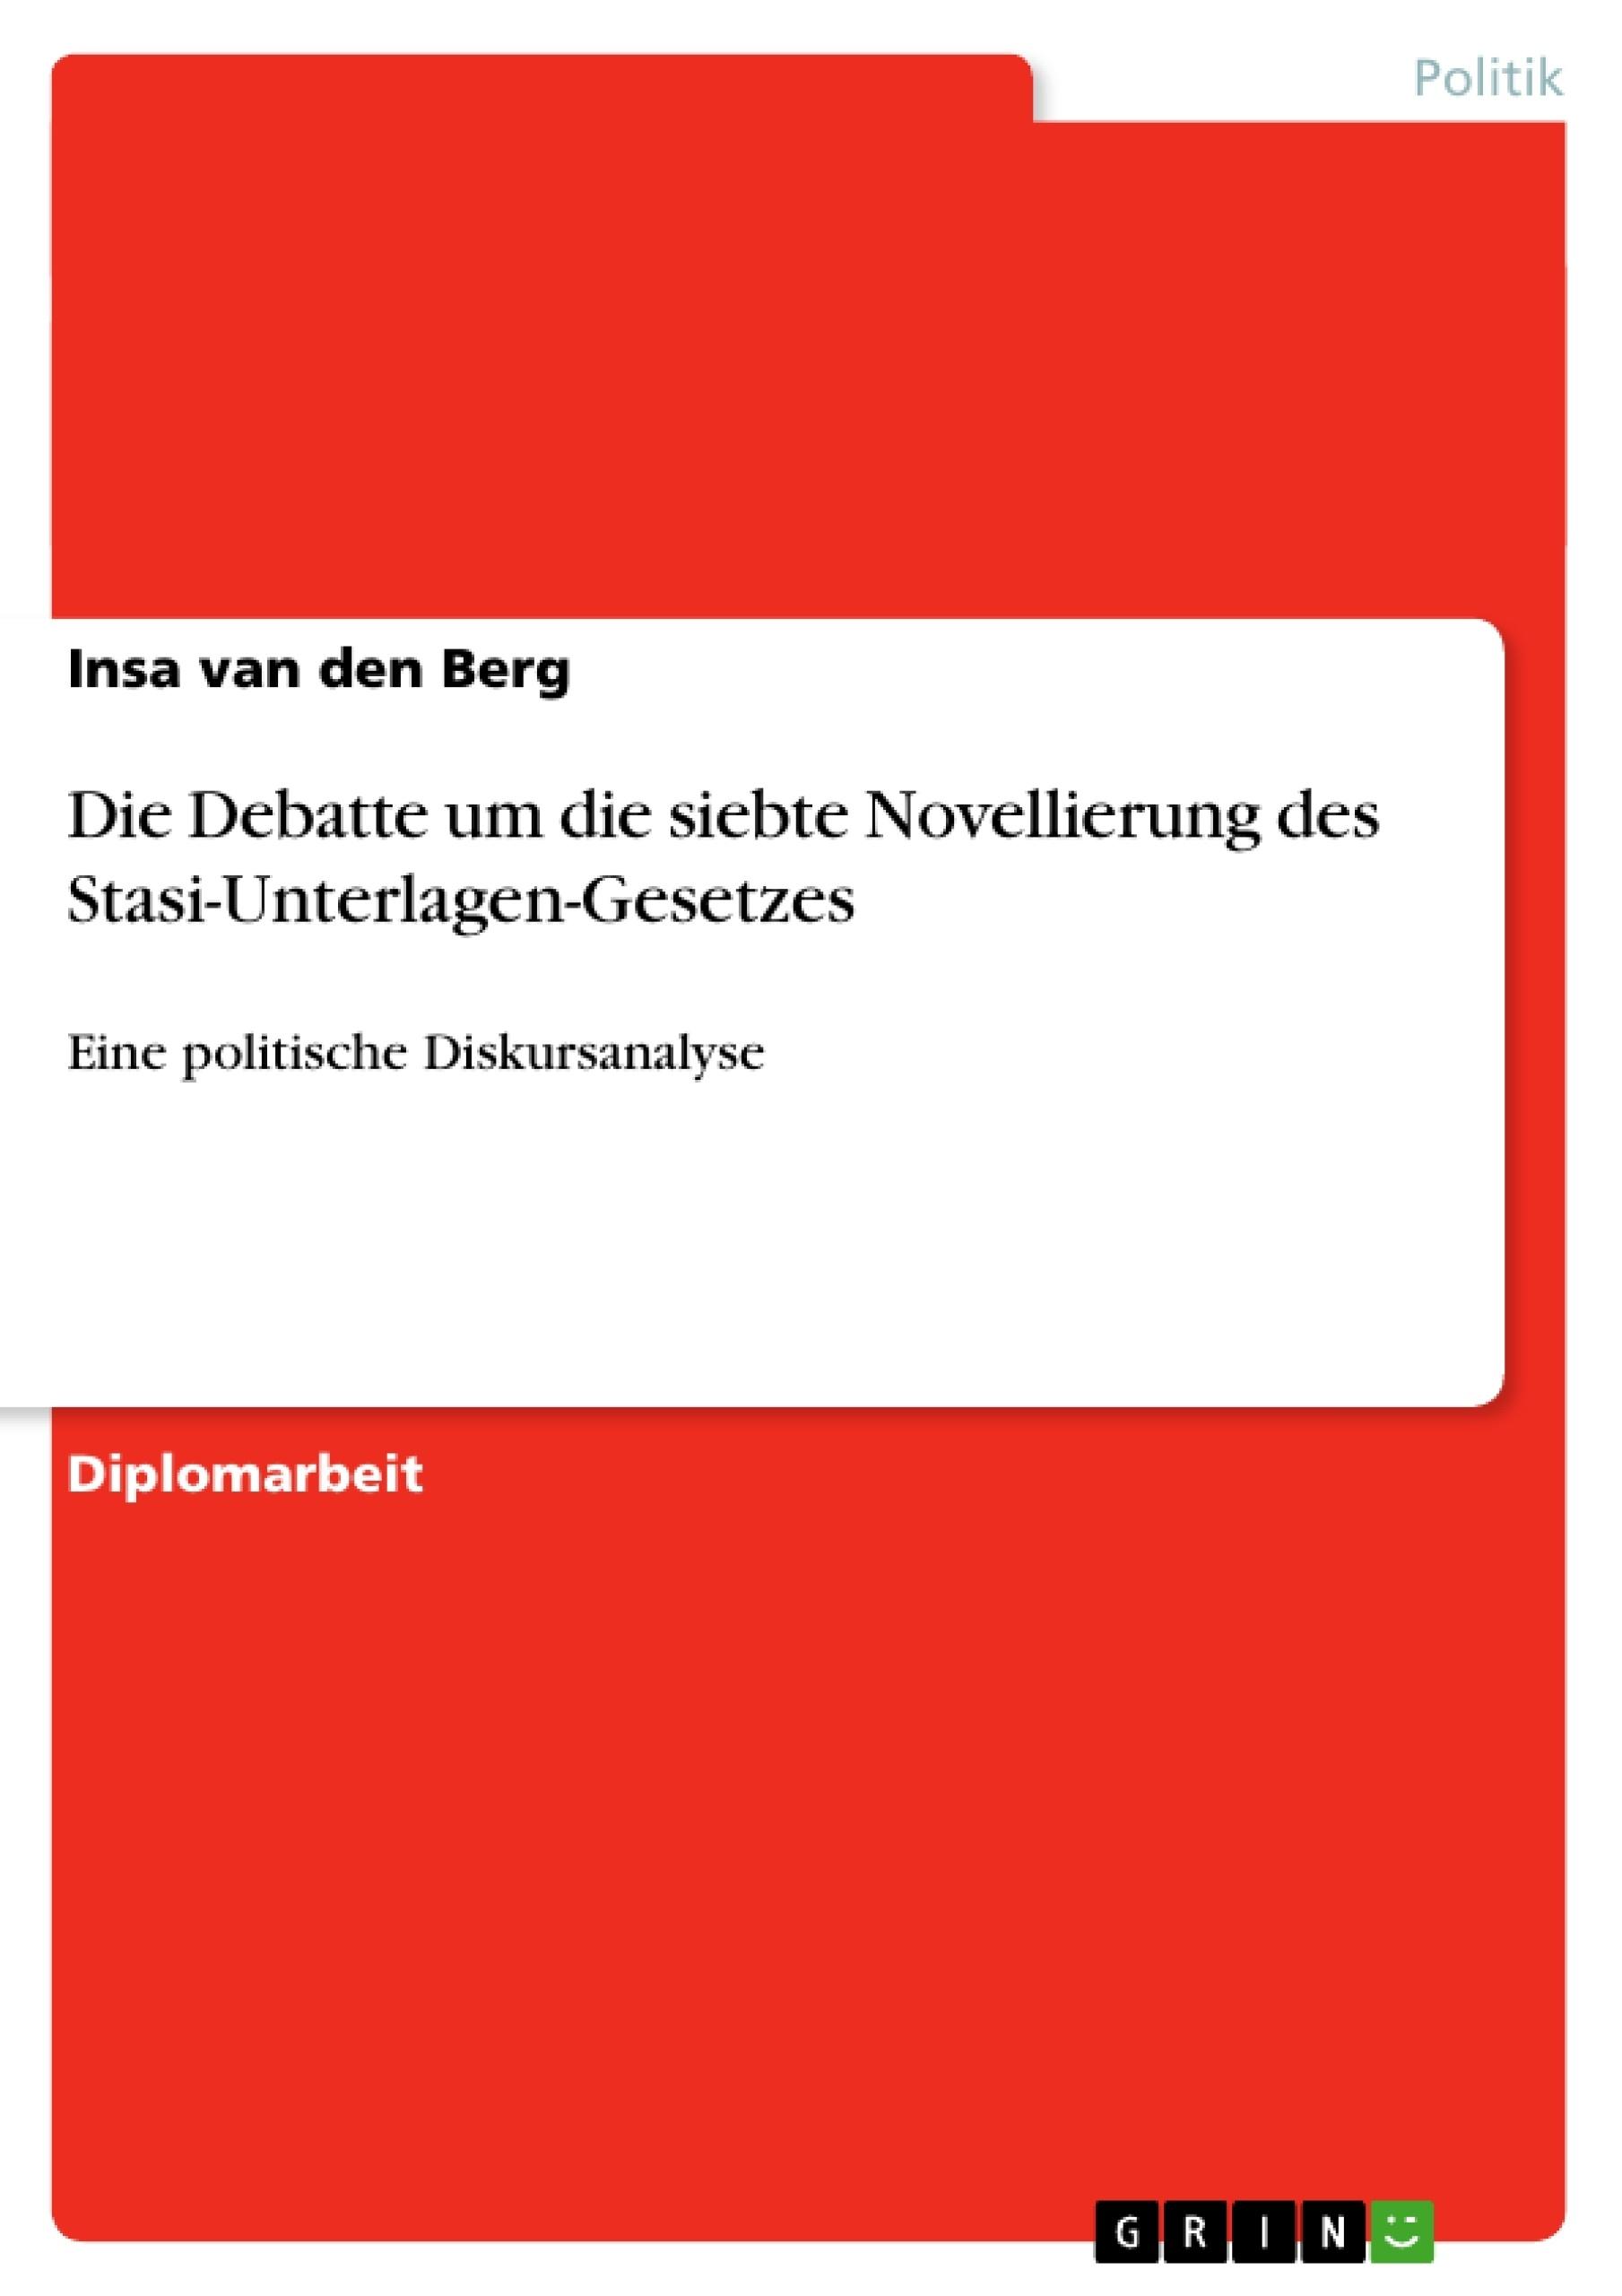 Titel: Die Debatte um die siebte Novellierung des Stasi-Unterlagen-Gesetzes